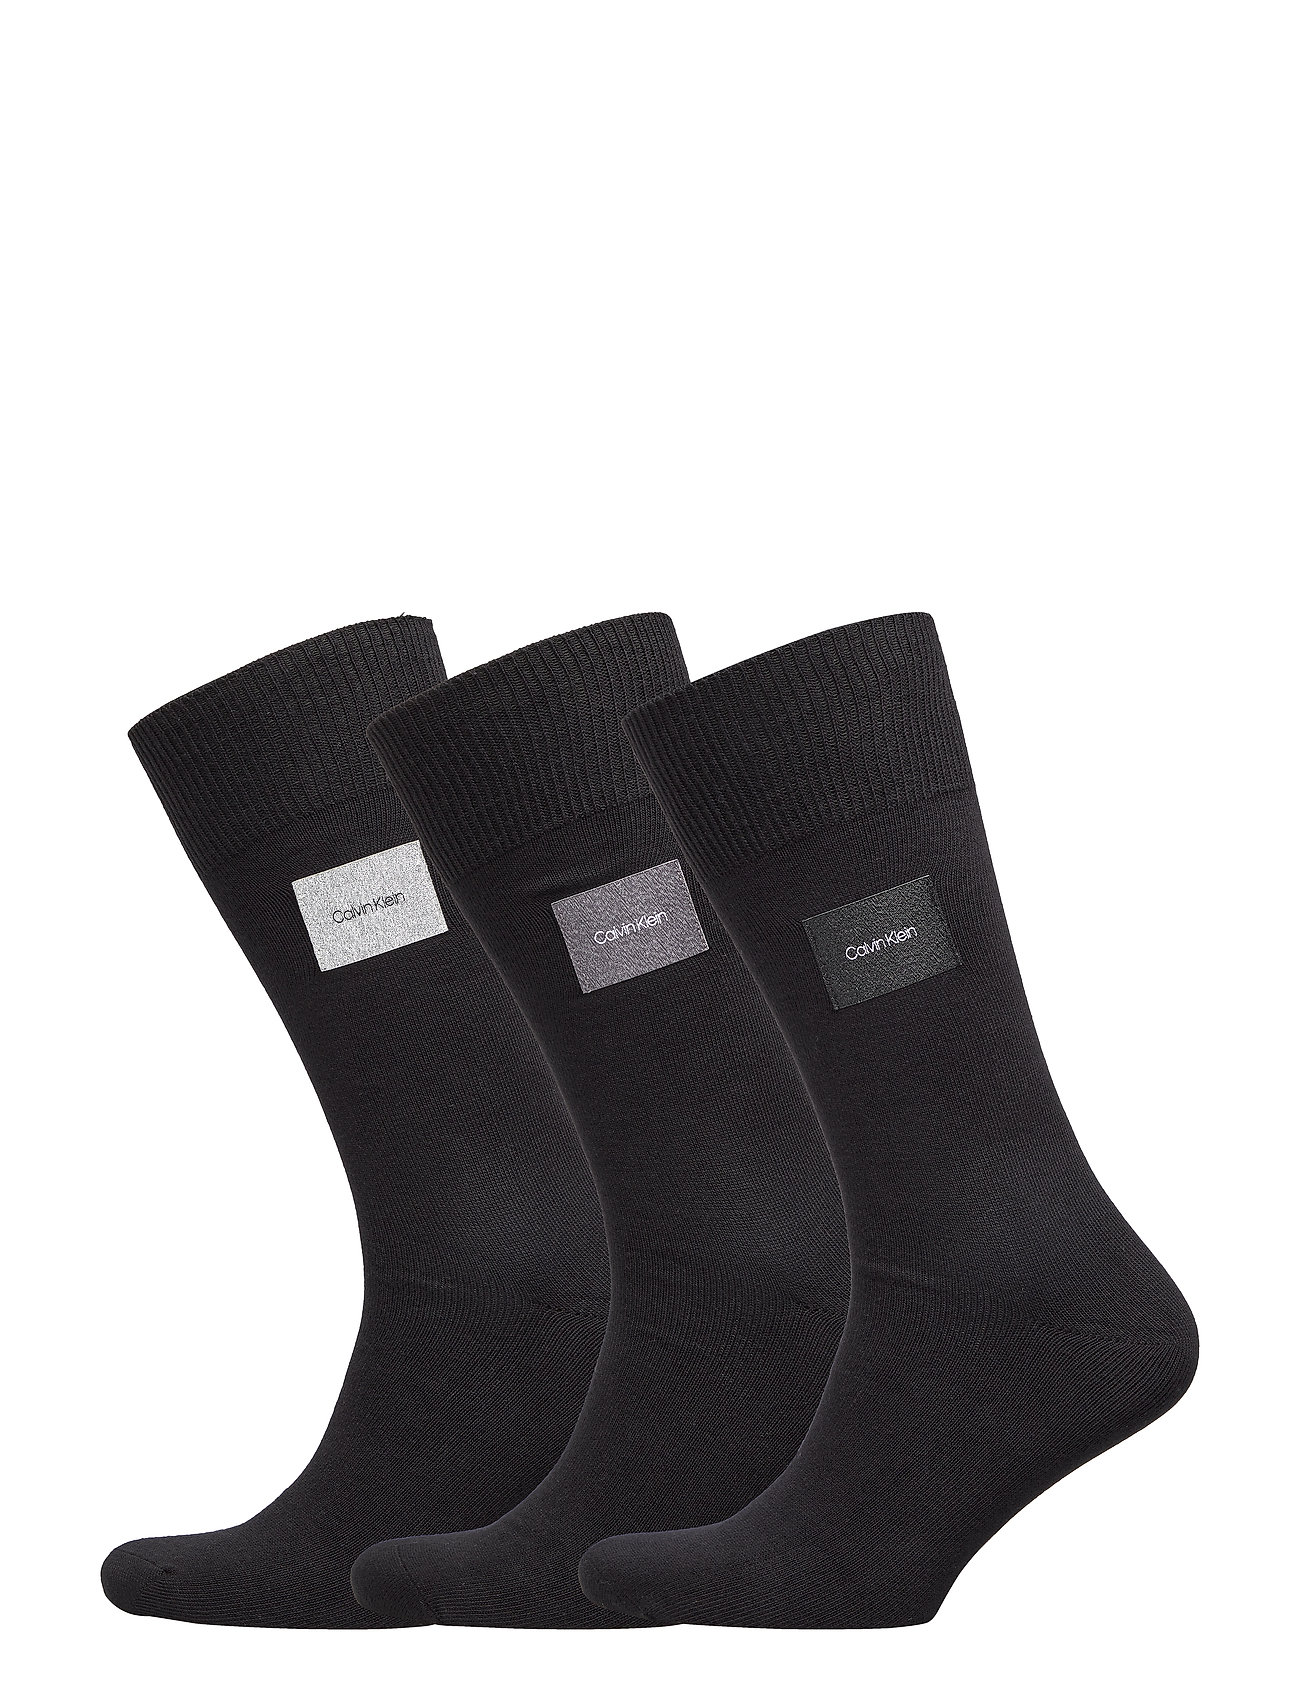 Calvin Klein CK 3PK FORBES FLAT KNIT PATCH CREW 00 - BLACK